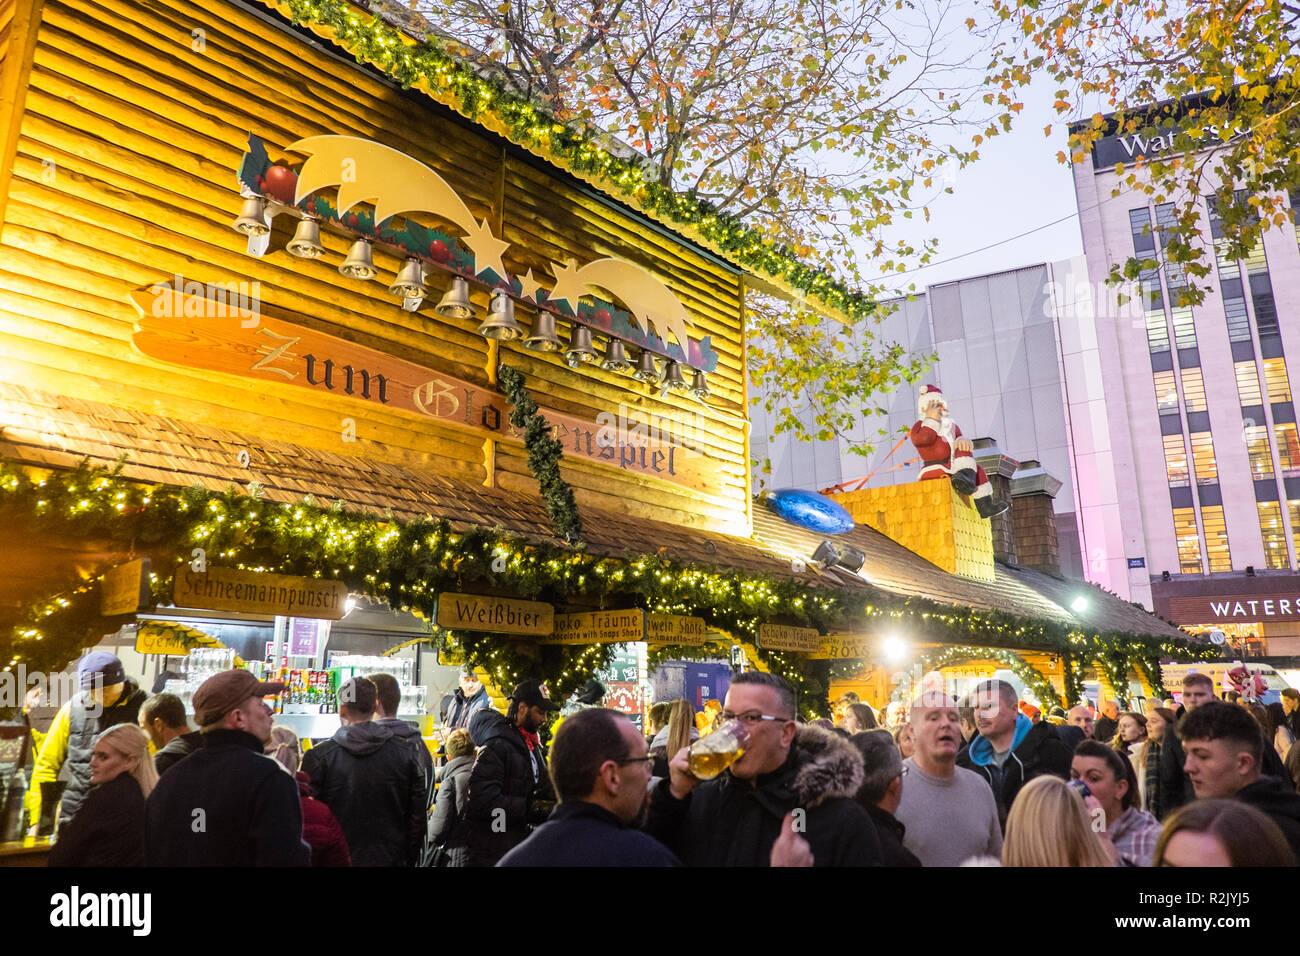 Wo Ist Der Größte Weihnachtsmarkt.Birmingham Deutsche Weihnachtsmarkt Ist Der Grösste Weihnachtsmarkt